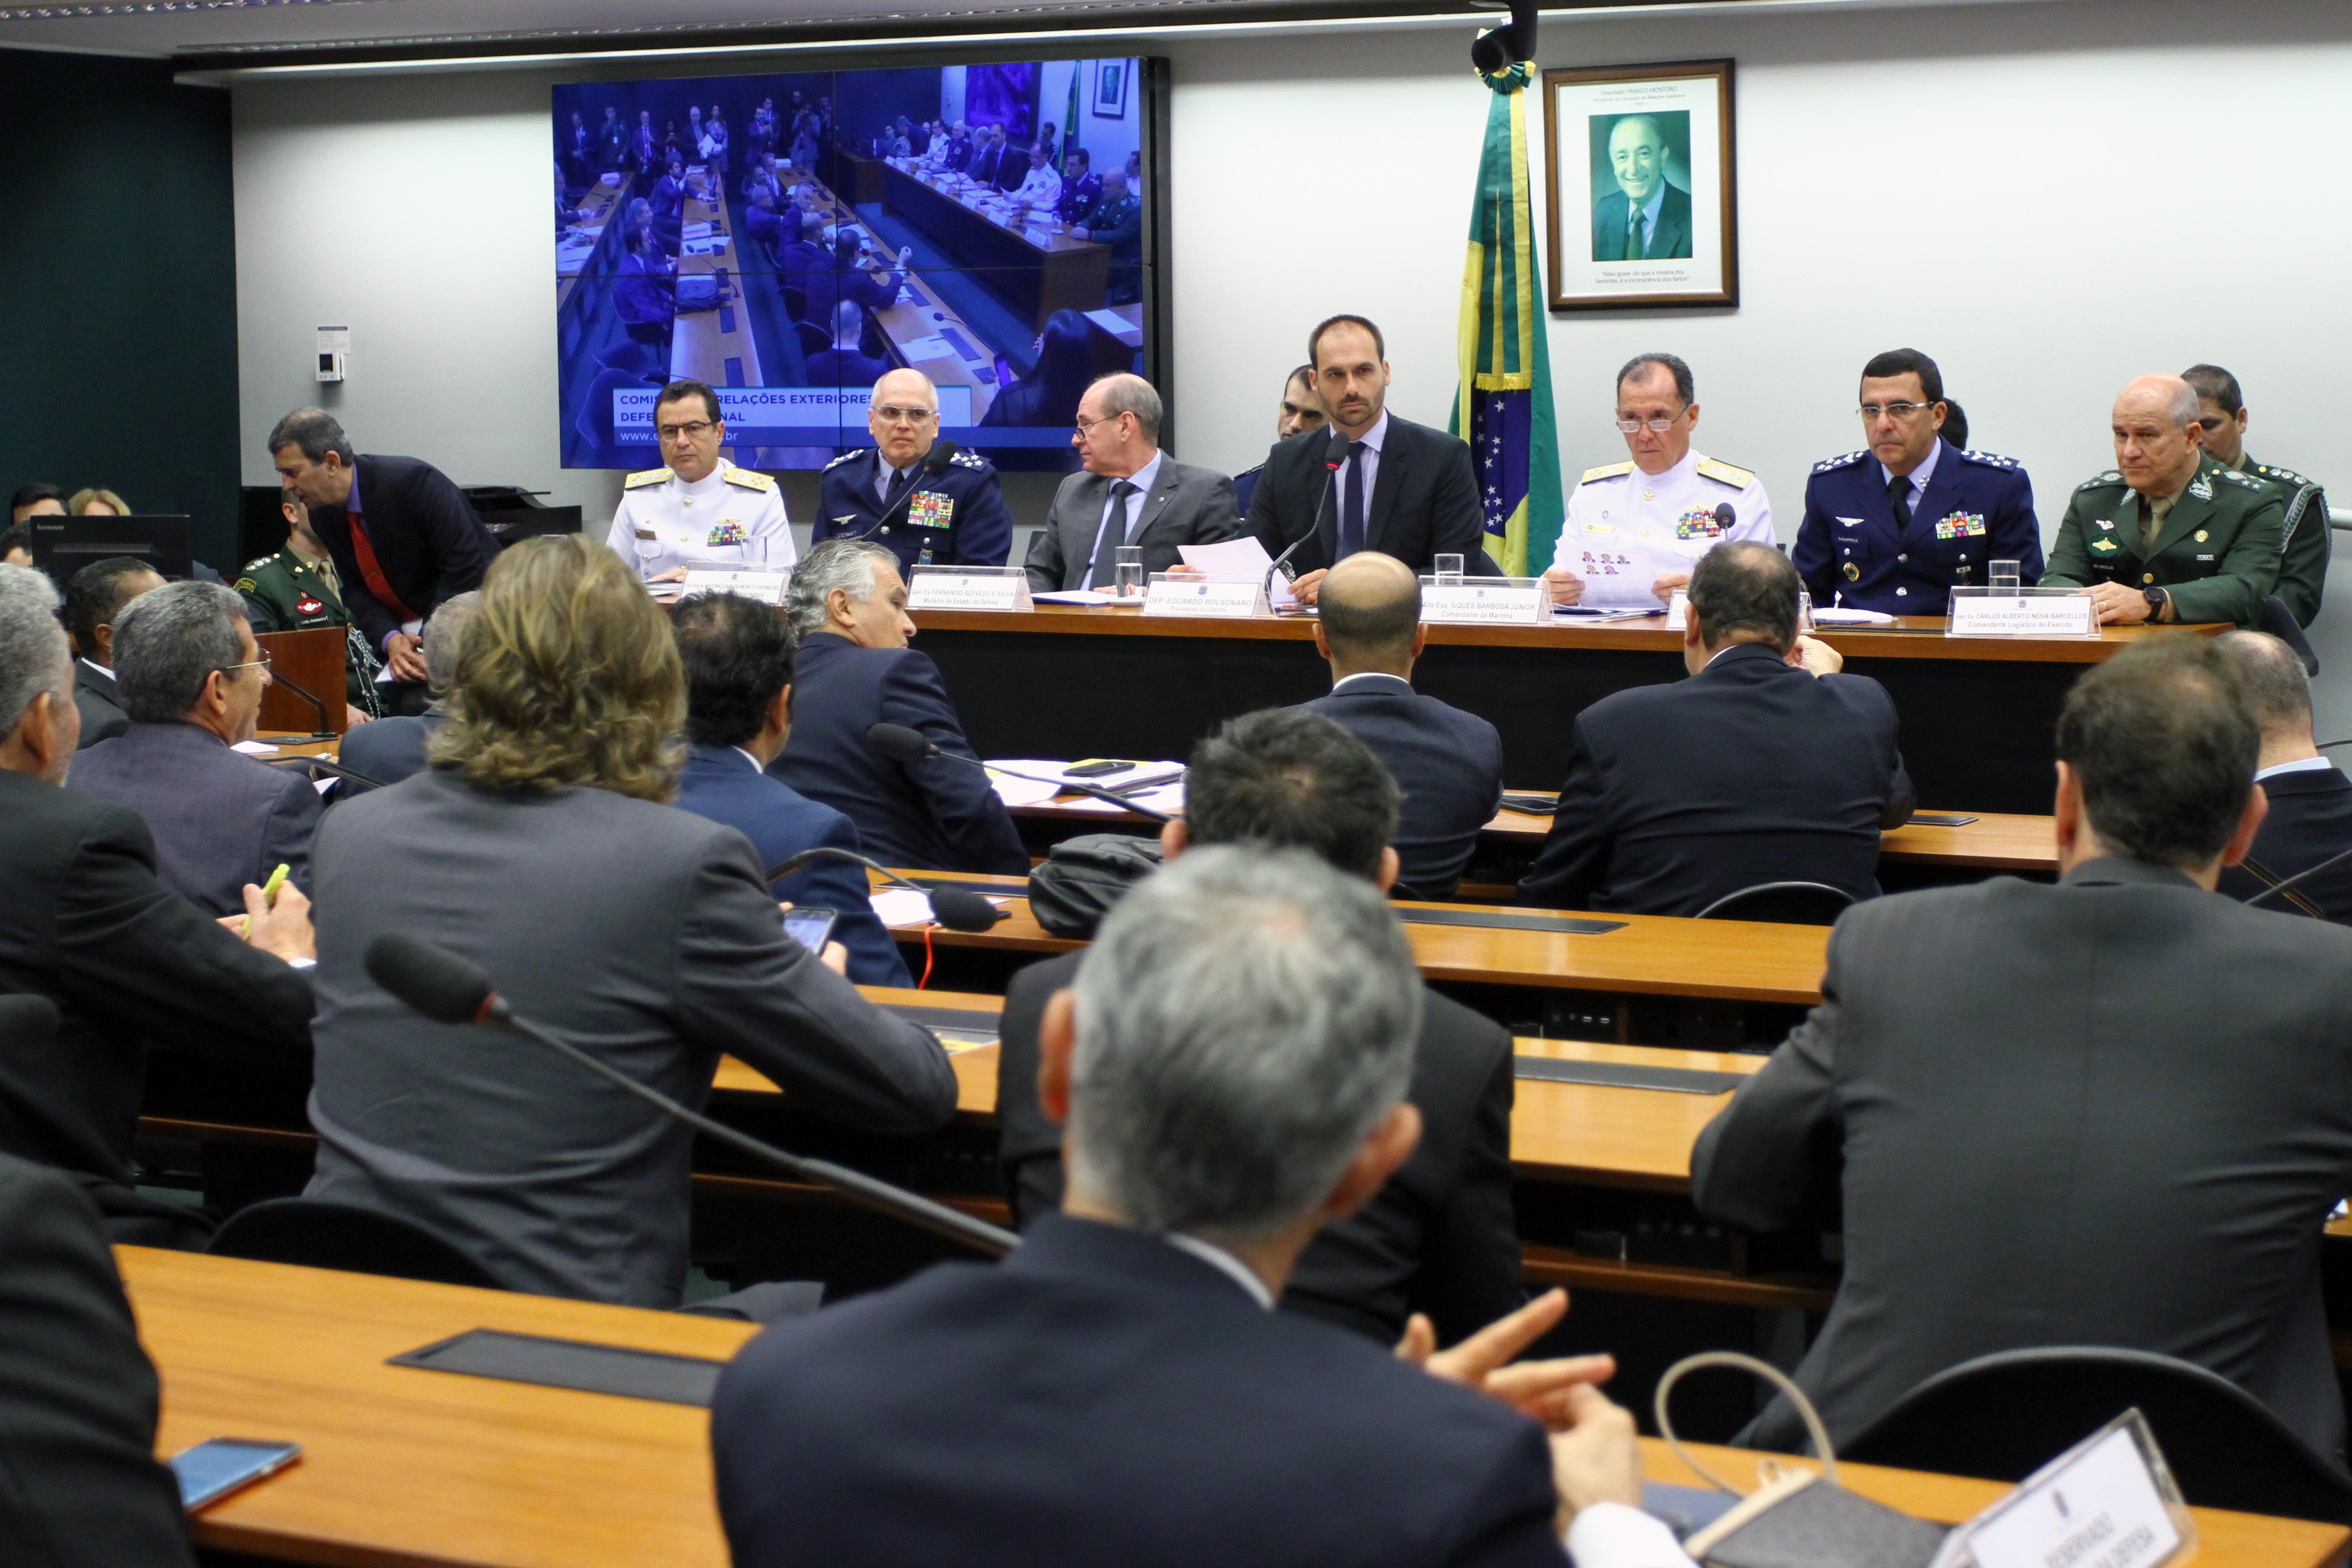 Audiência pública sobre as prioridades para o ano em curso e as perspectivas de atuação futura do Ministério da Defesa